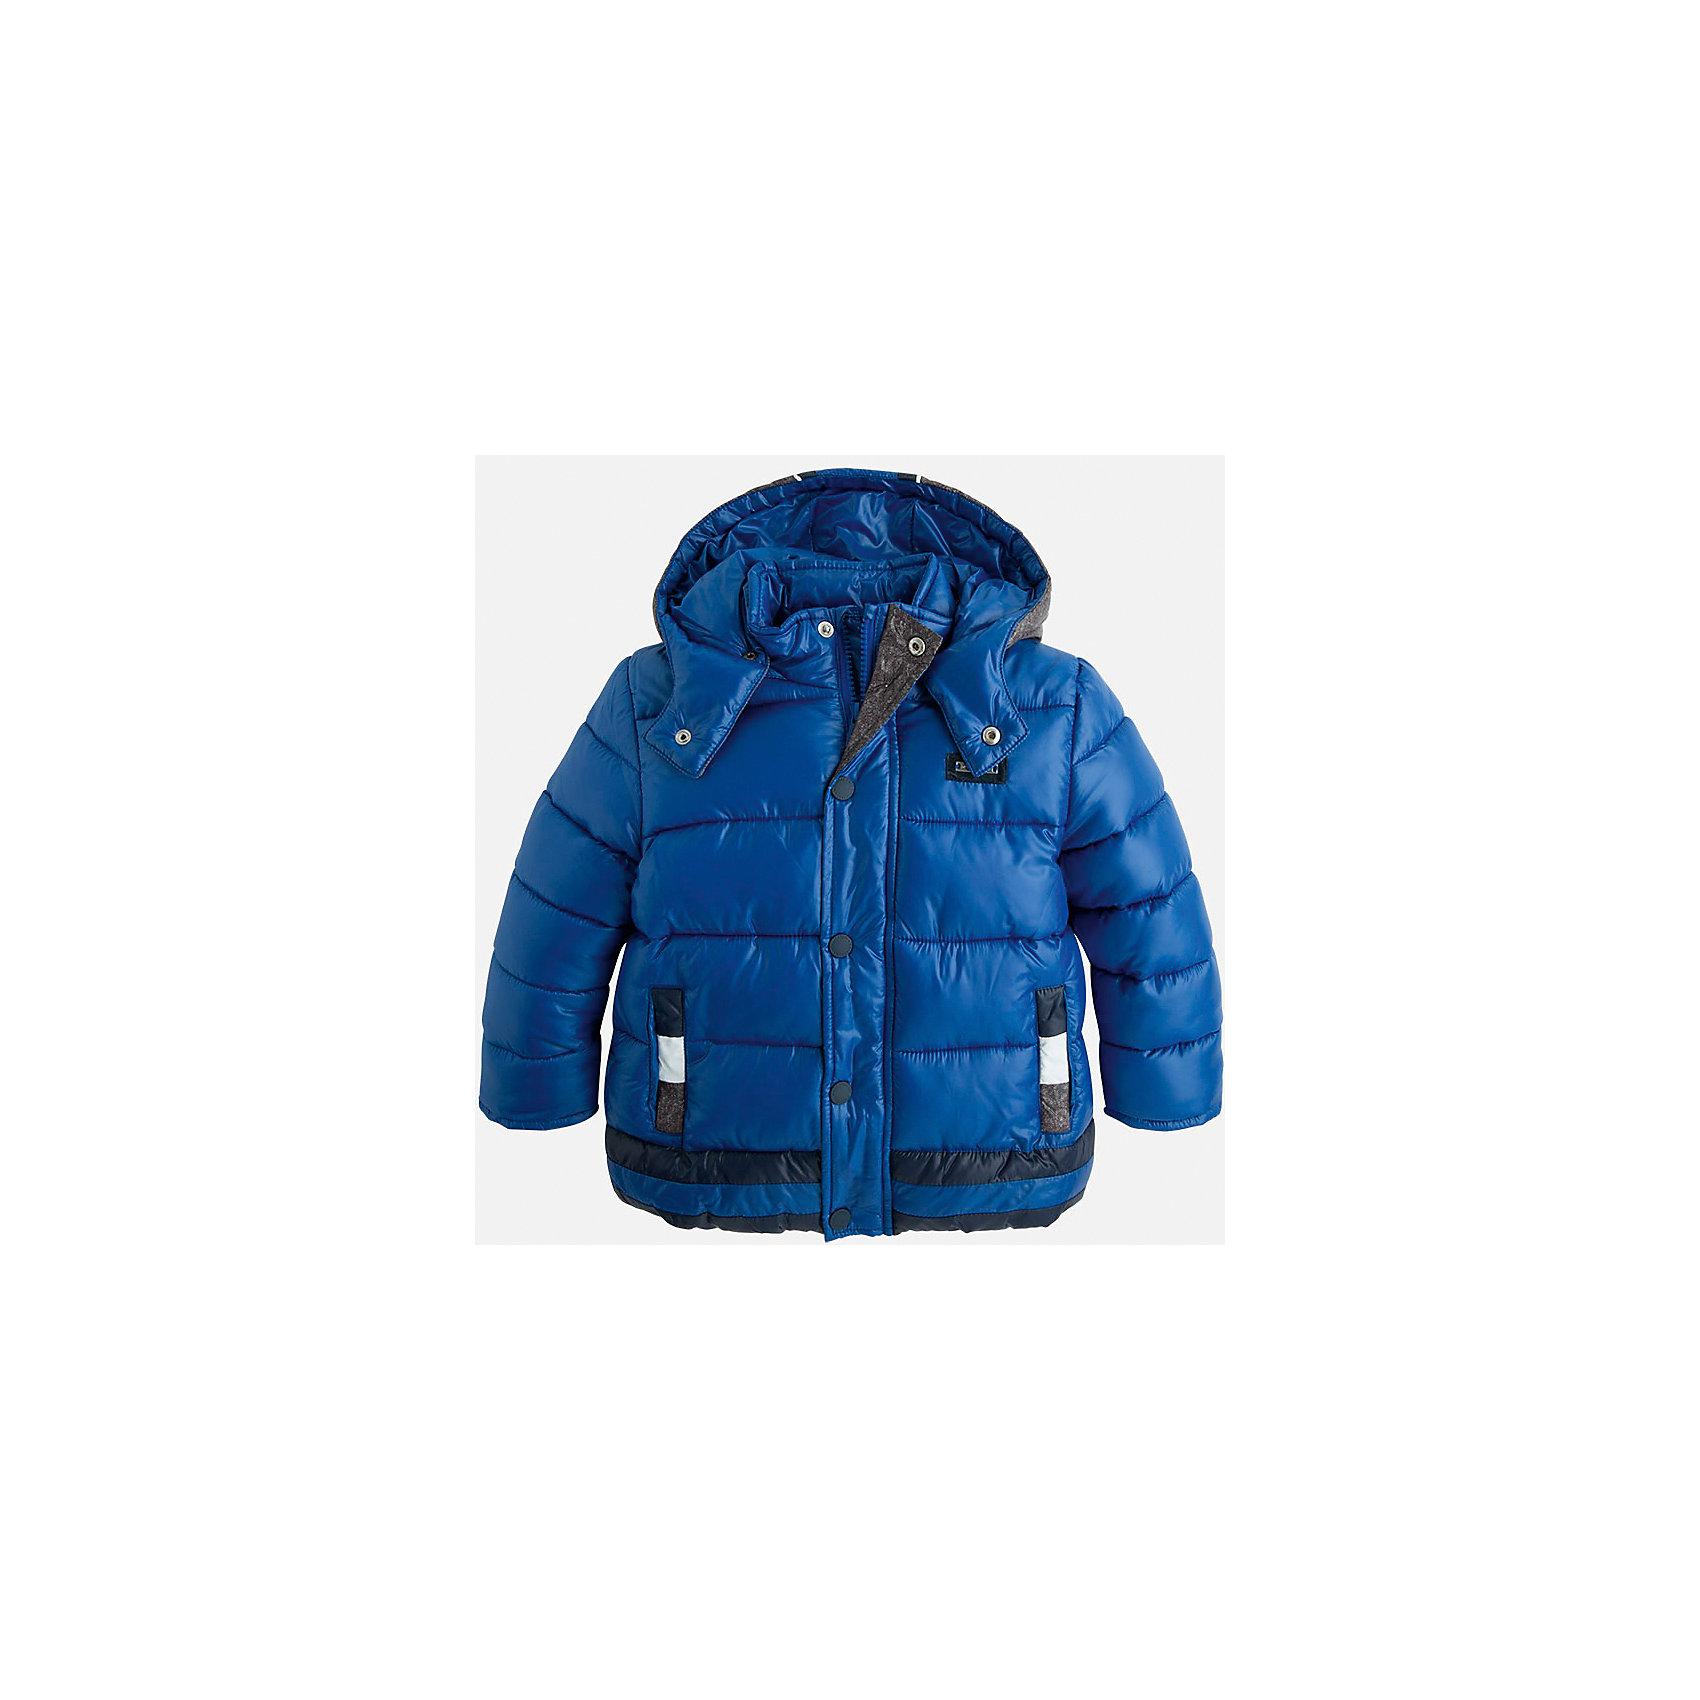 Куртка для мальчика MayoralДемисезонные куртки<br>Стильная, теплая осенняя куртка для юного джентльмена!<br>Порадуйте своего ребенка хорошим подарком!<br><br>Дополнительная информация:<br><br>- Крой: прямой крой, удлиненная модель.<br>- Страна бренда: Испания.<br>- Состав: <br>Верхняя ткань: полиэстер 100%.<br>Подкладка: полиэстер 100%.<br>Наполнитель: полиэстер 100%.<br>- Цвет: синий.<br>- Уход: бережная стирка при 30 градусах.<br><br>Купить куртку для мальчика Mayoral можно в нашем магазине.<br><br>Ширина мм: 356<br>Глубина мм: 10<br>Высота мм: 245<br>Вес г: 519<br>Цвет: фиолетовый<br>Возраст от месяцев: 24<br>Возраст до месяцев: 36<br>Пол: Мужской<br>Возраст: Детский<br>Размер: 98,134,128,122,116,110,104<br>SKU: 4821945